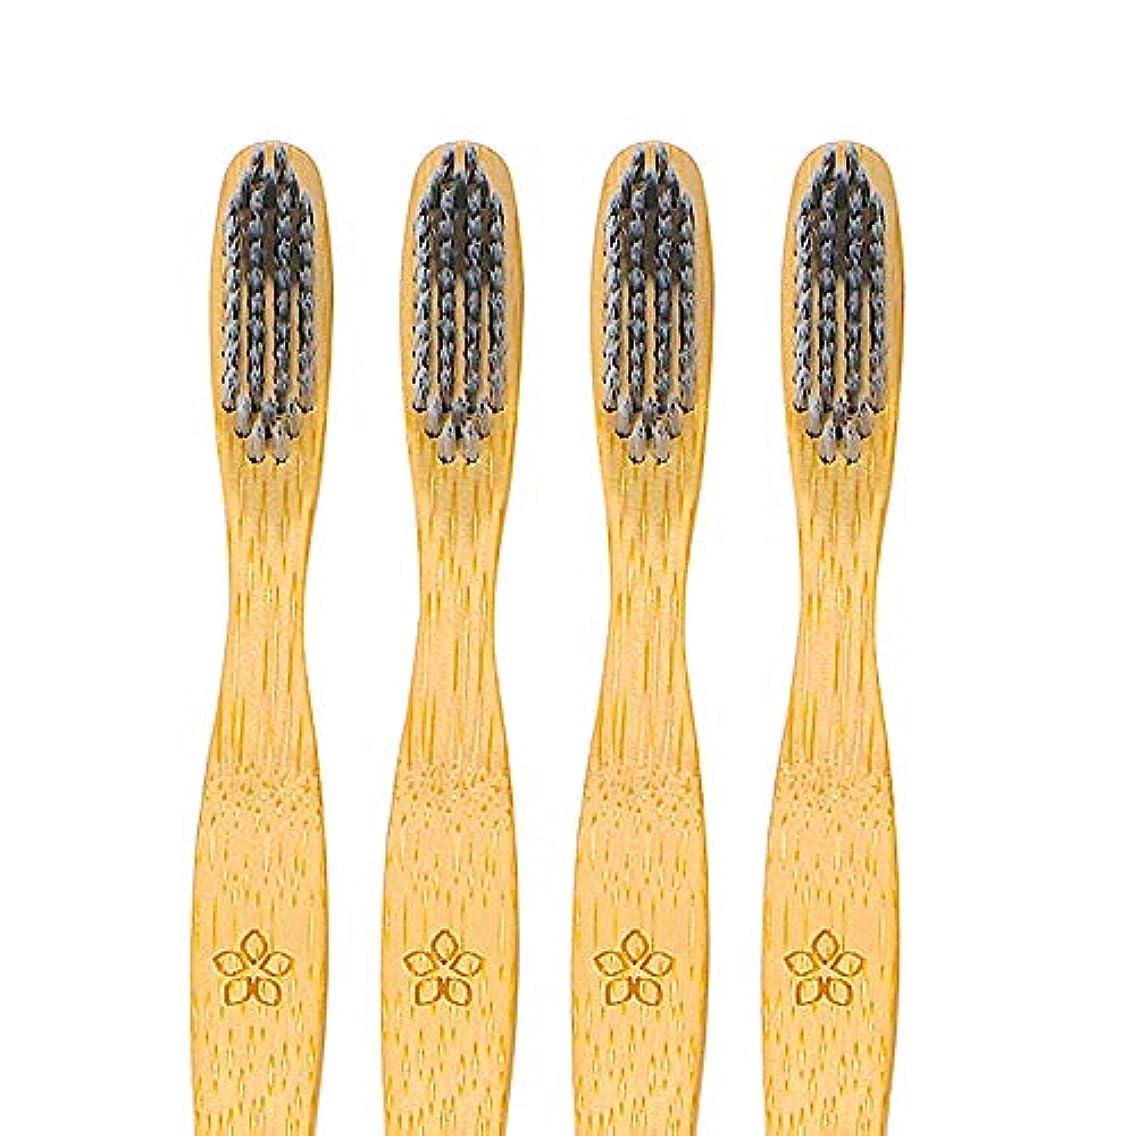 ローストオーバードローシャイニング竹の歯ブラシ やわらかめ 活性炭入り 極繊細毛 4本セット 100%生分解性  プラスチックフリー